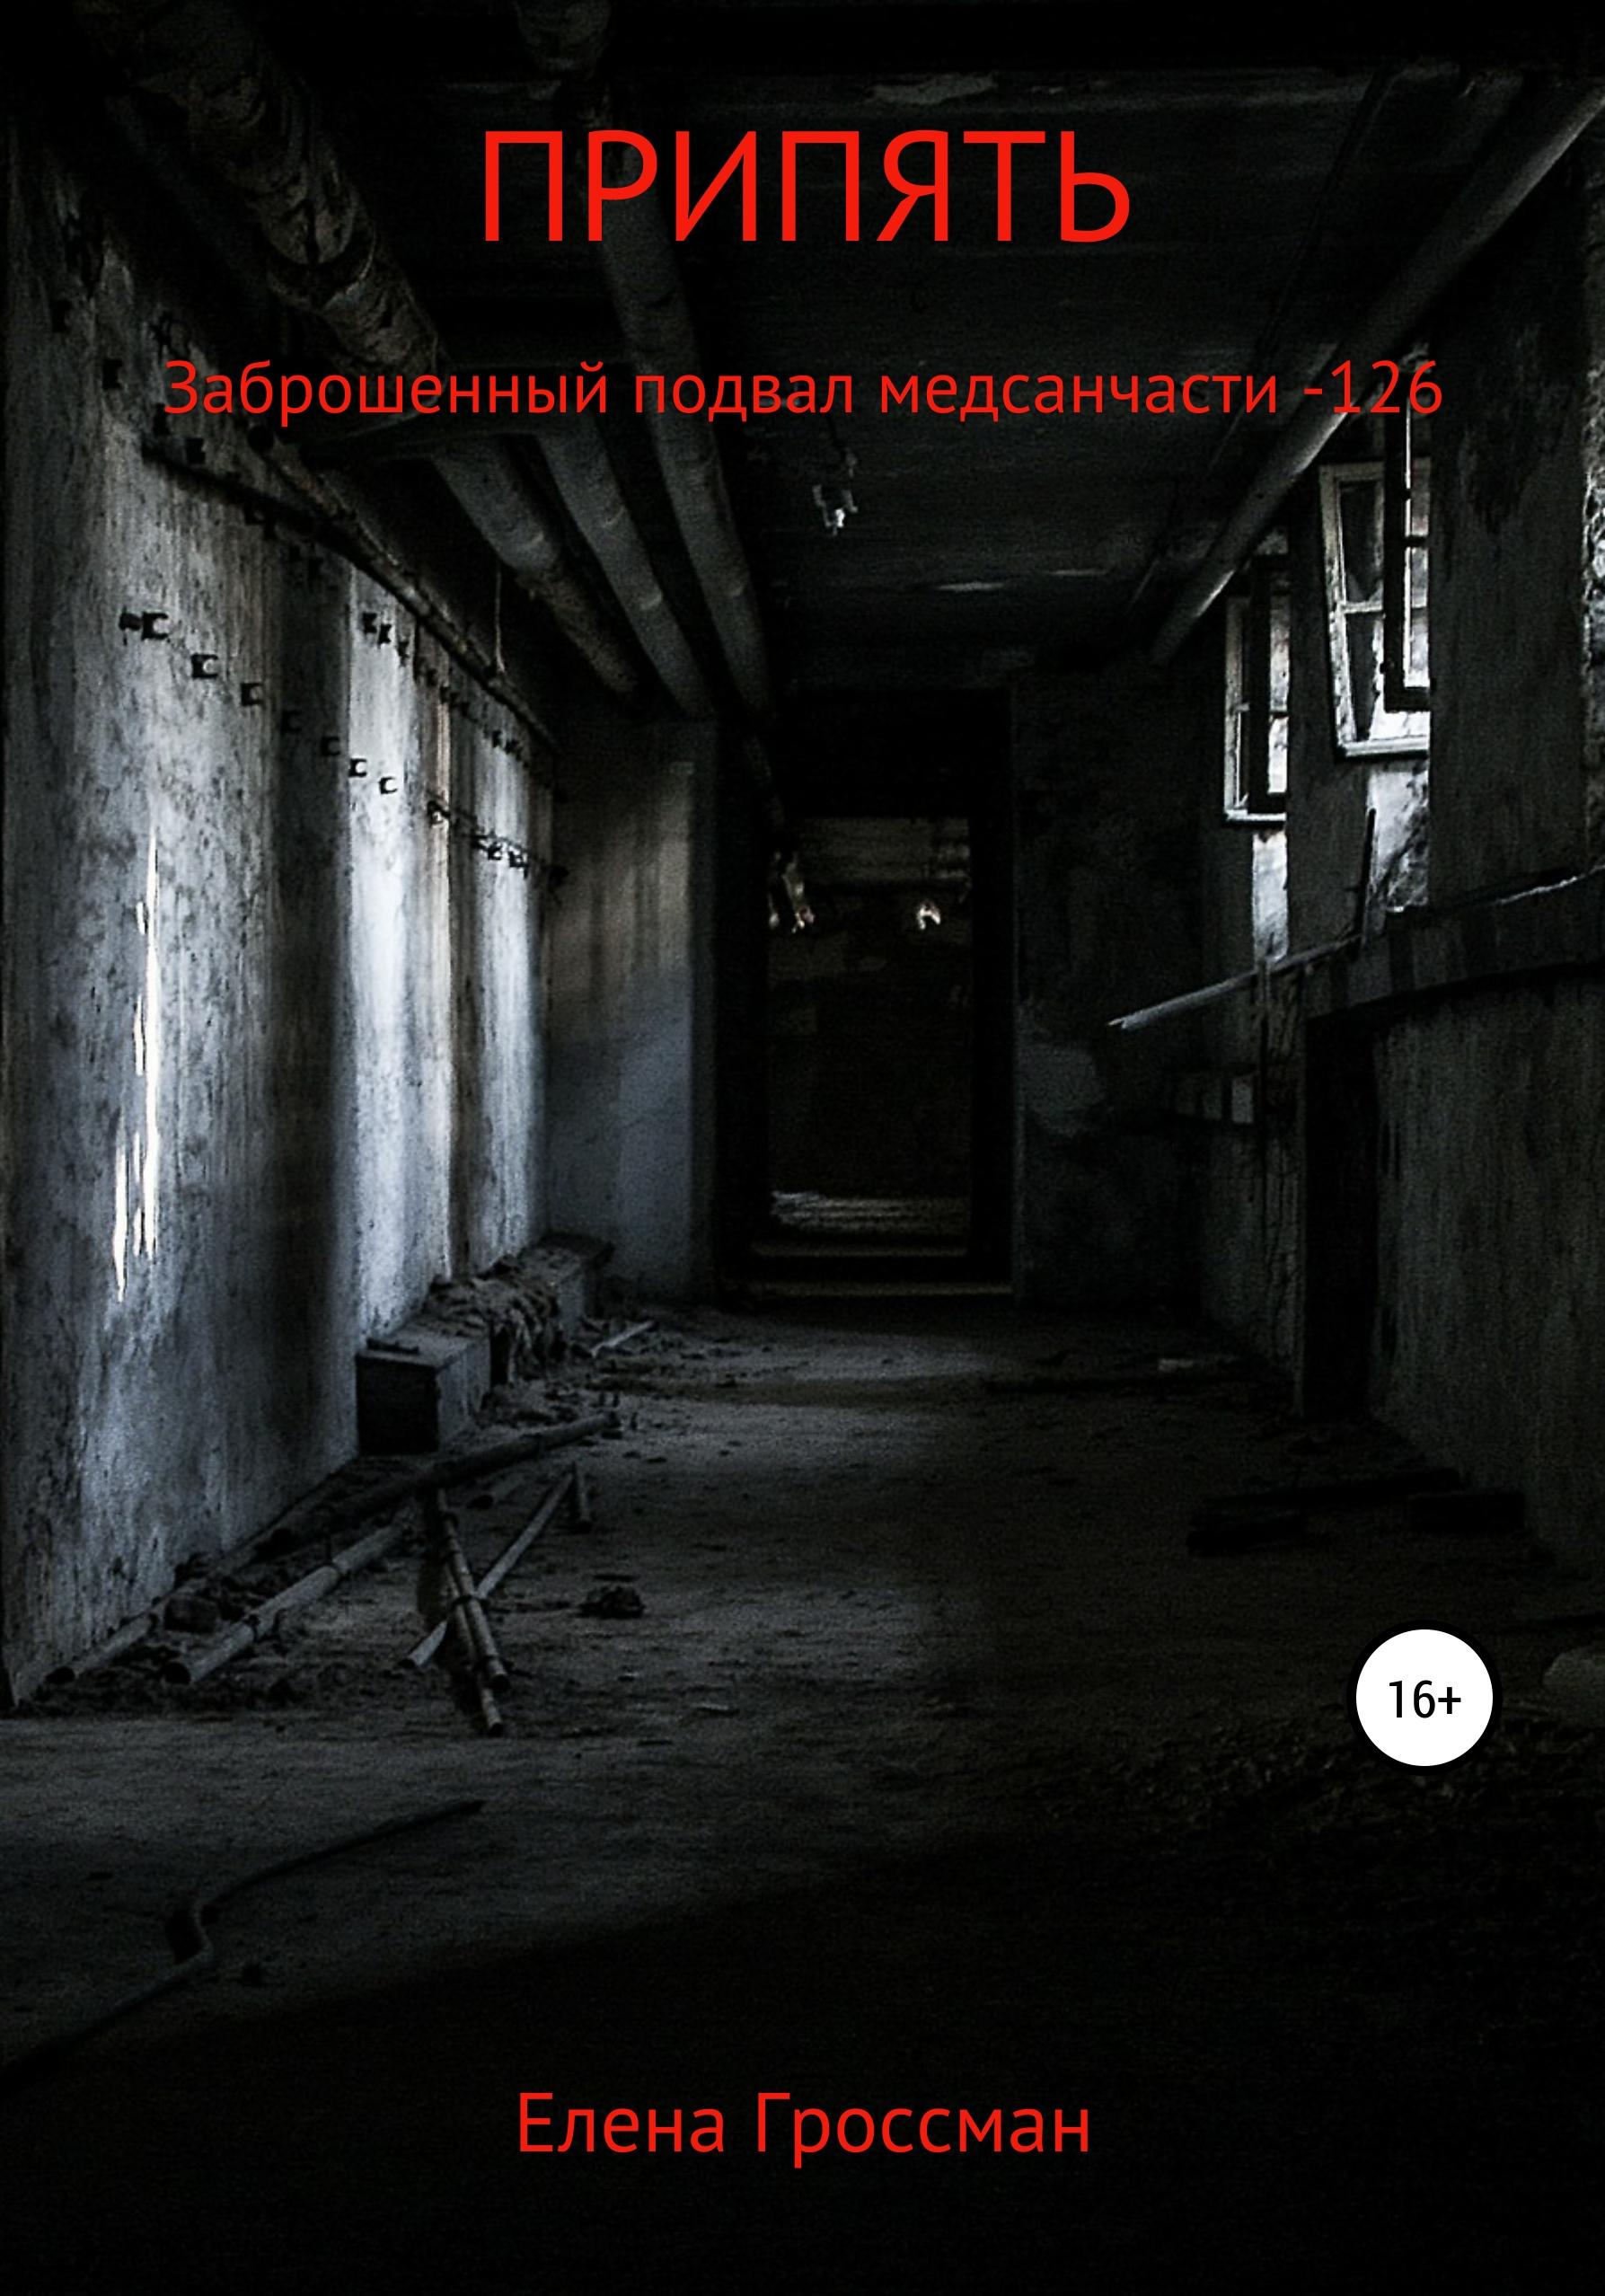 цены Елена Гроссман ЧЕРНОБiЛЬ. Подвал медсанчасти -126